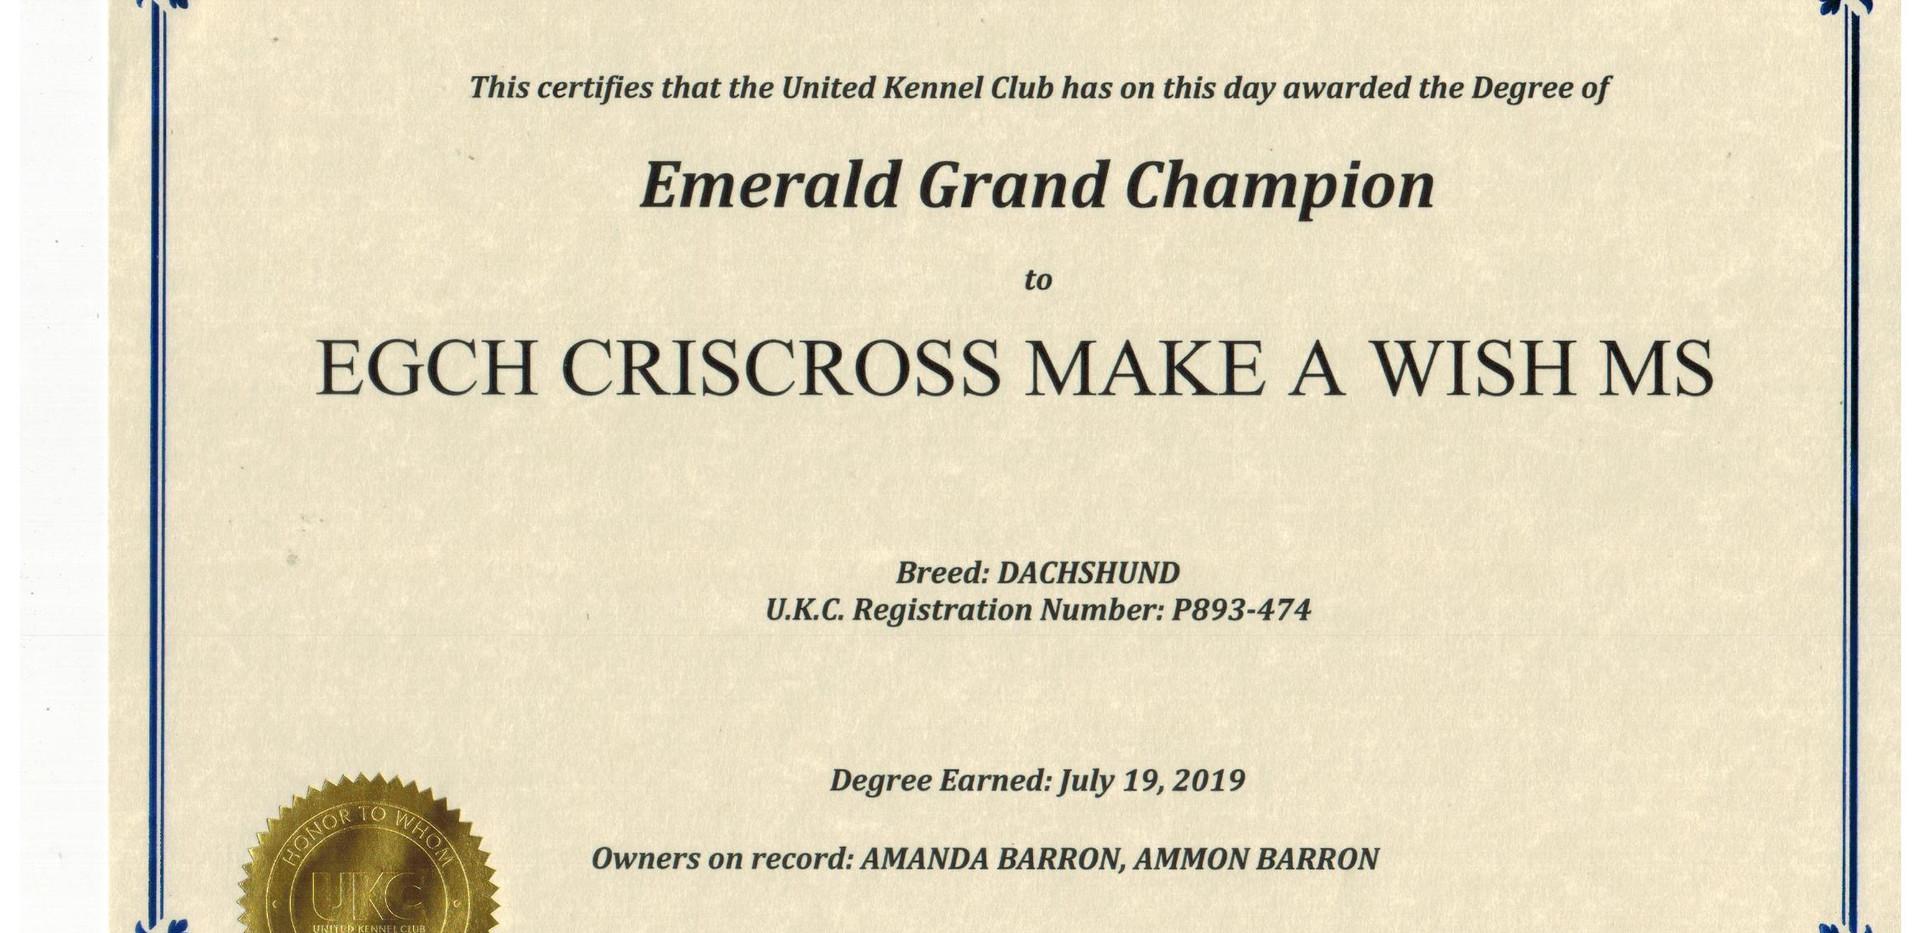 Prince EMGC UKC.jpeg